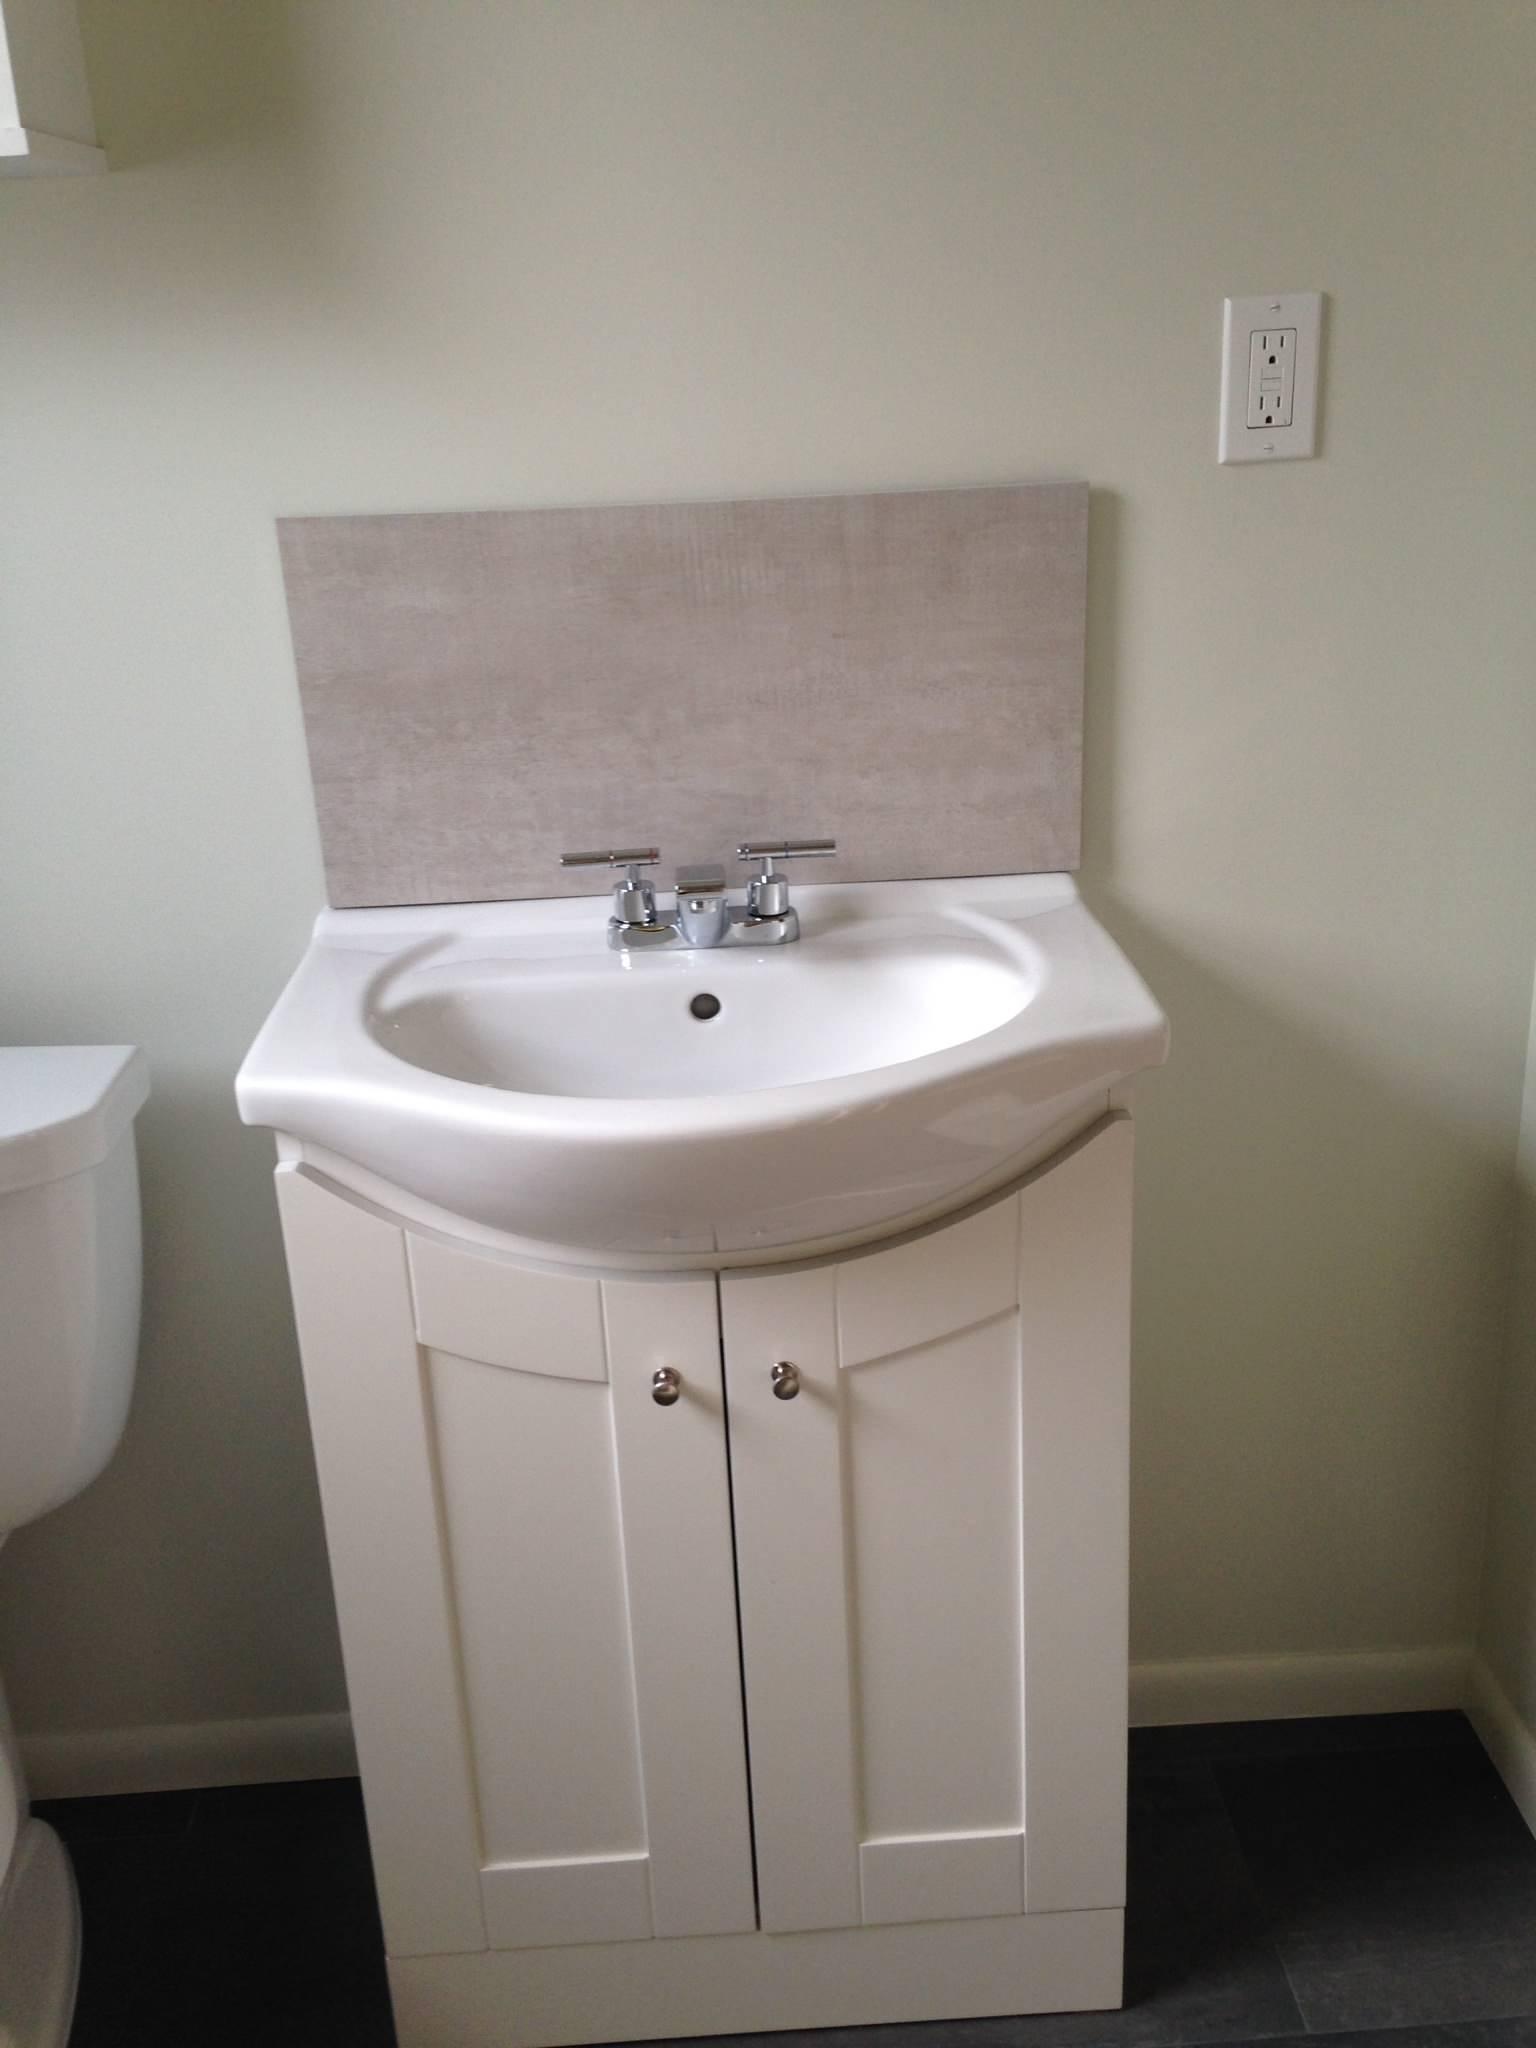 Small bath vanity new back splash